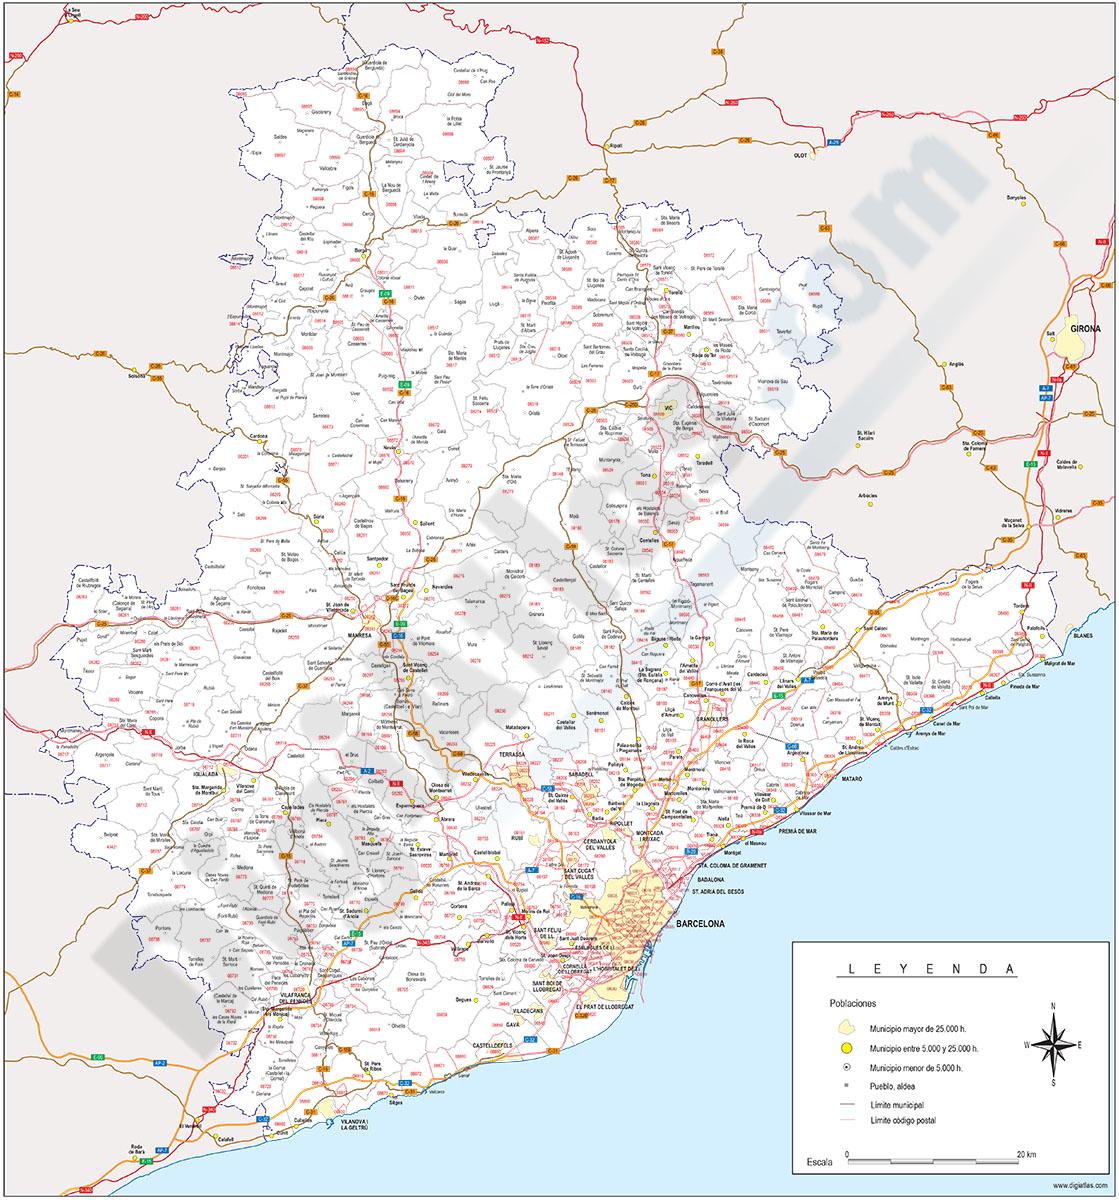 Barcelona - mapa provincial con municipios, códigos postales y carreteras